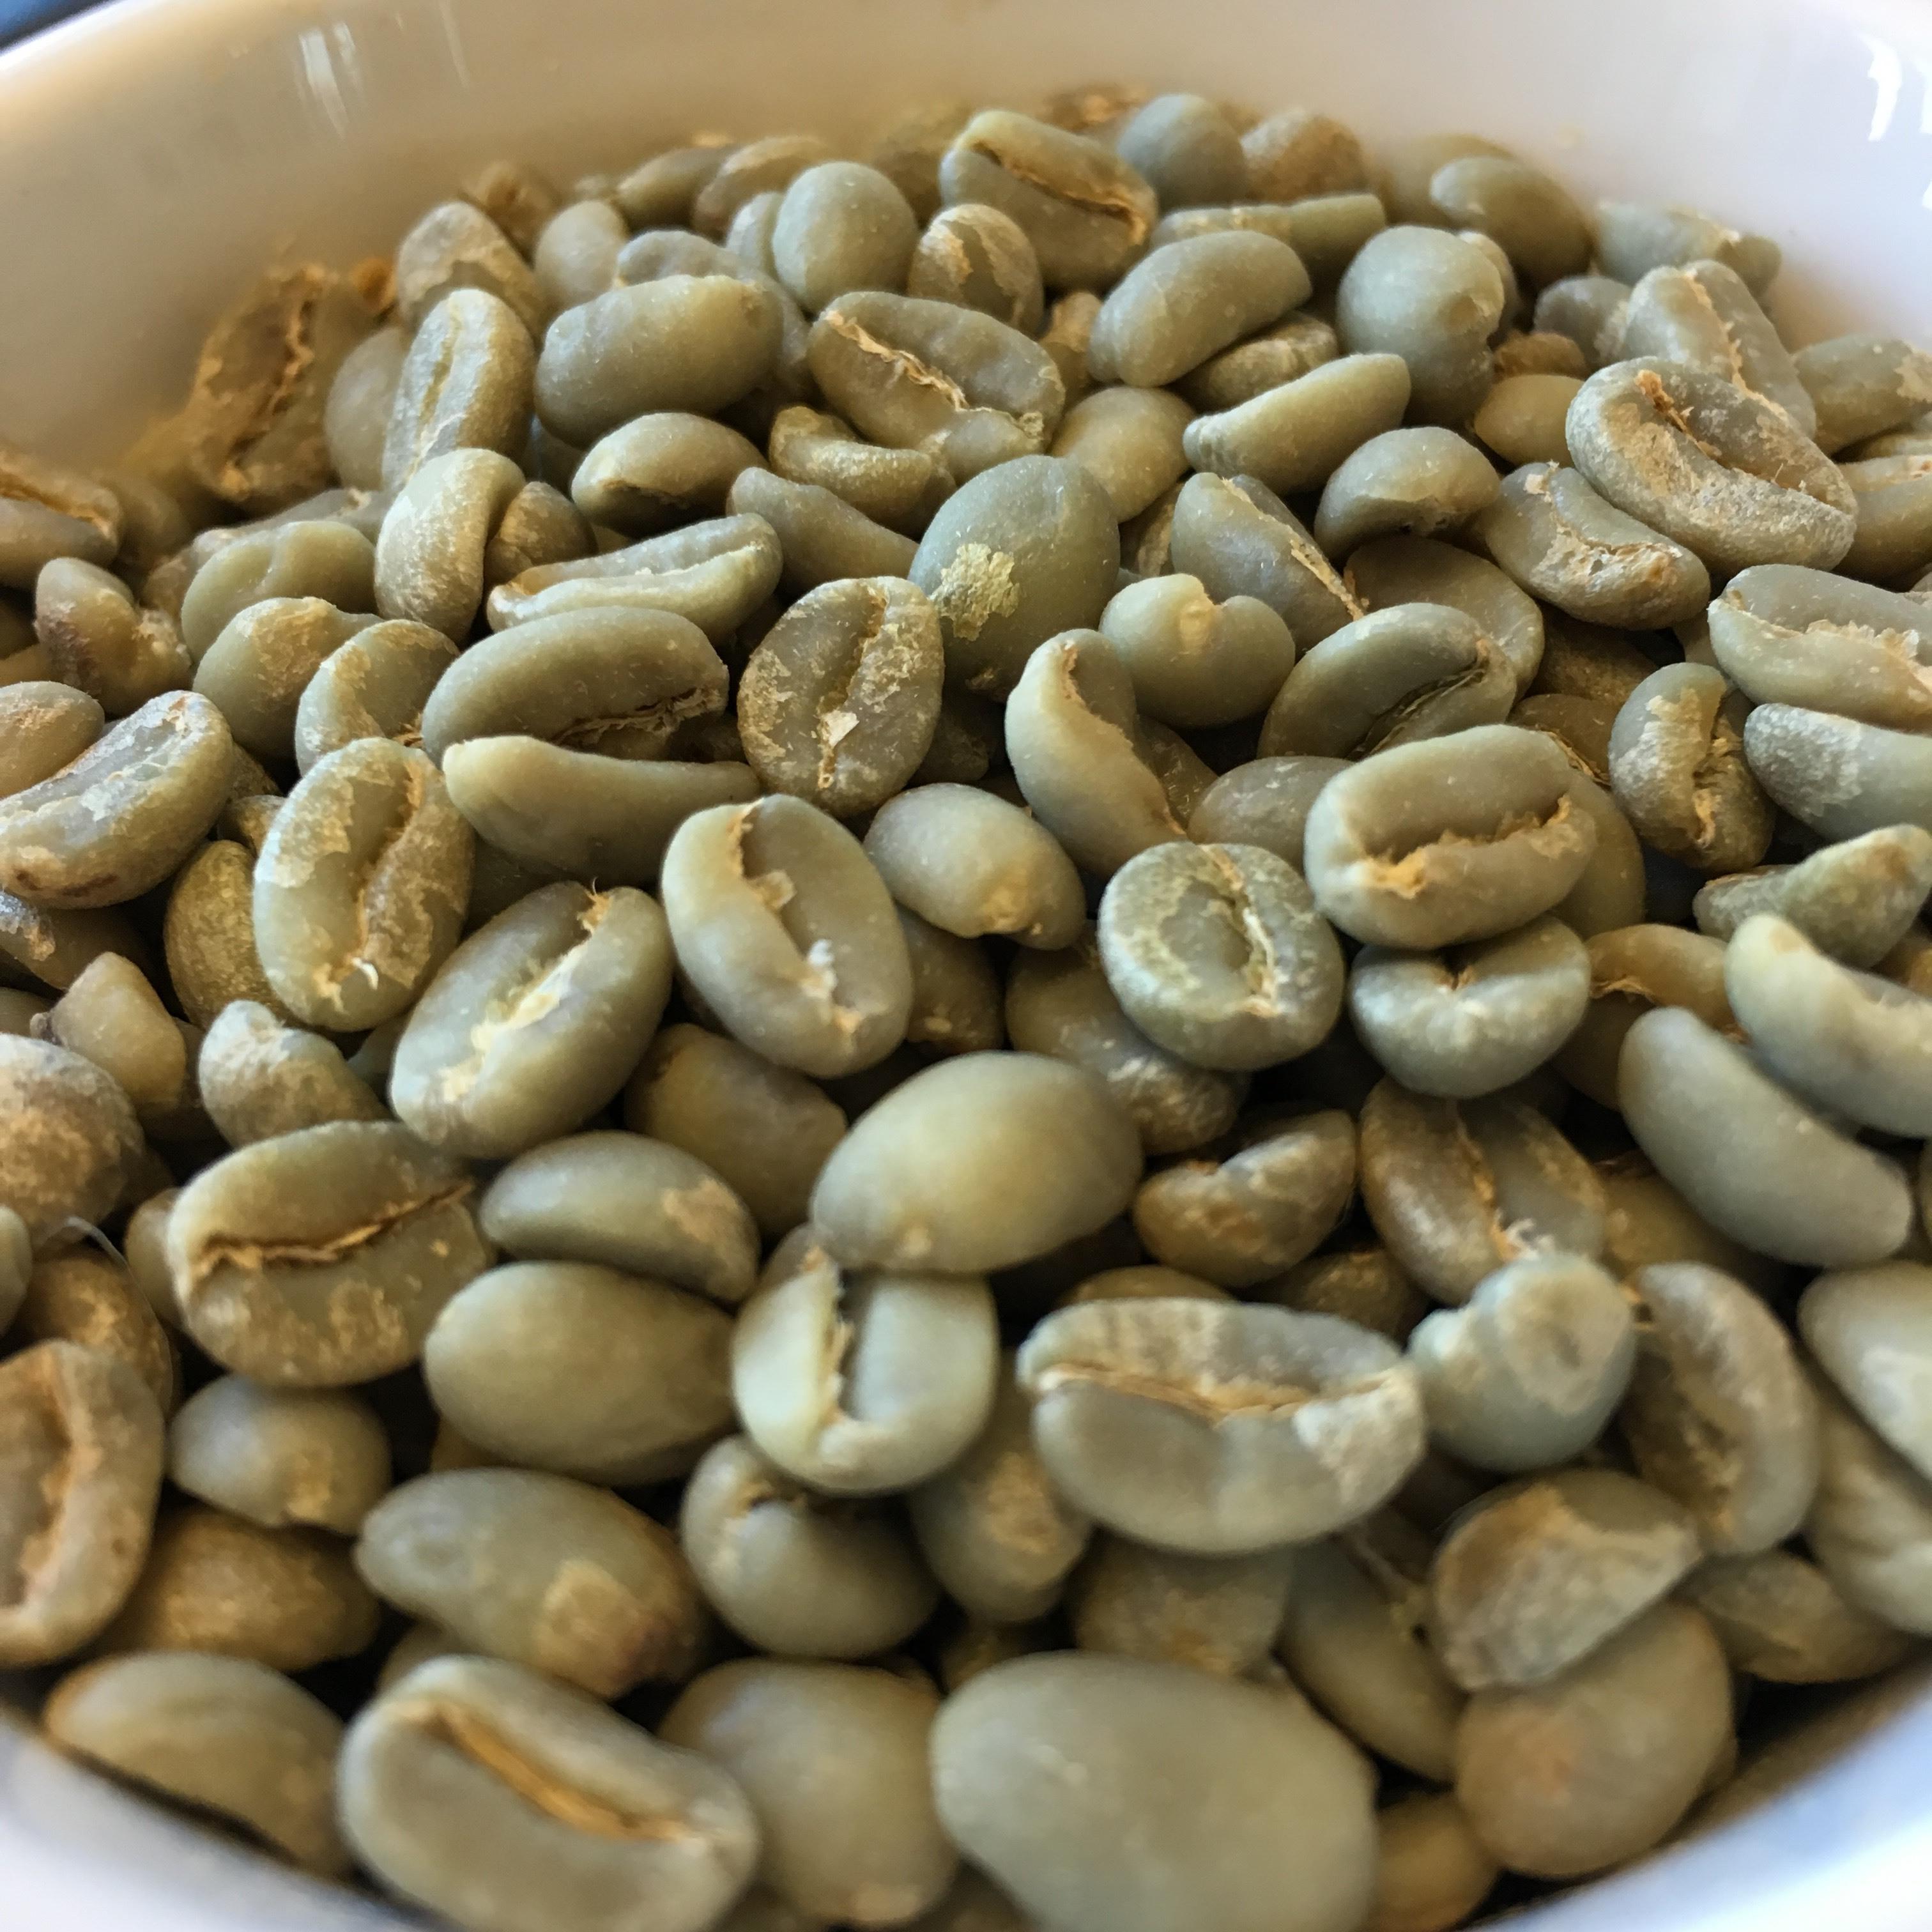 【コーヒー生豆・2kg】エチオピア イルガチェフ コンガ ヲッシュド【ETHIOPIA COFFEE Yirgachef】